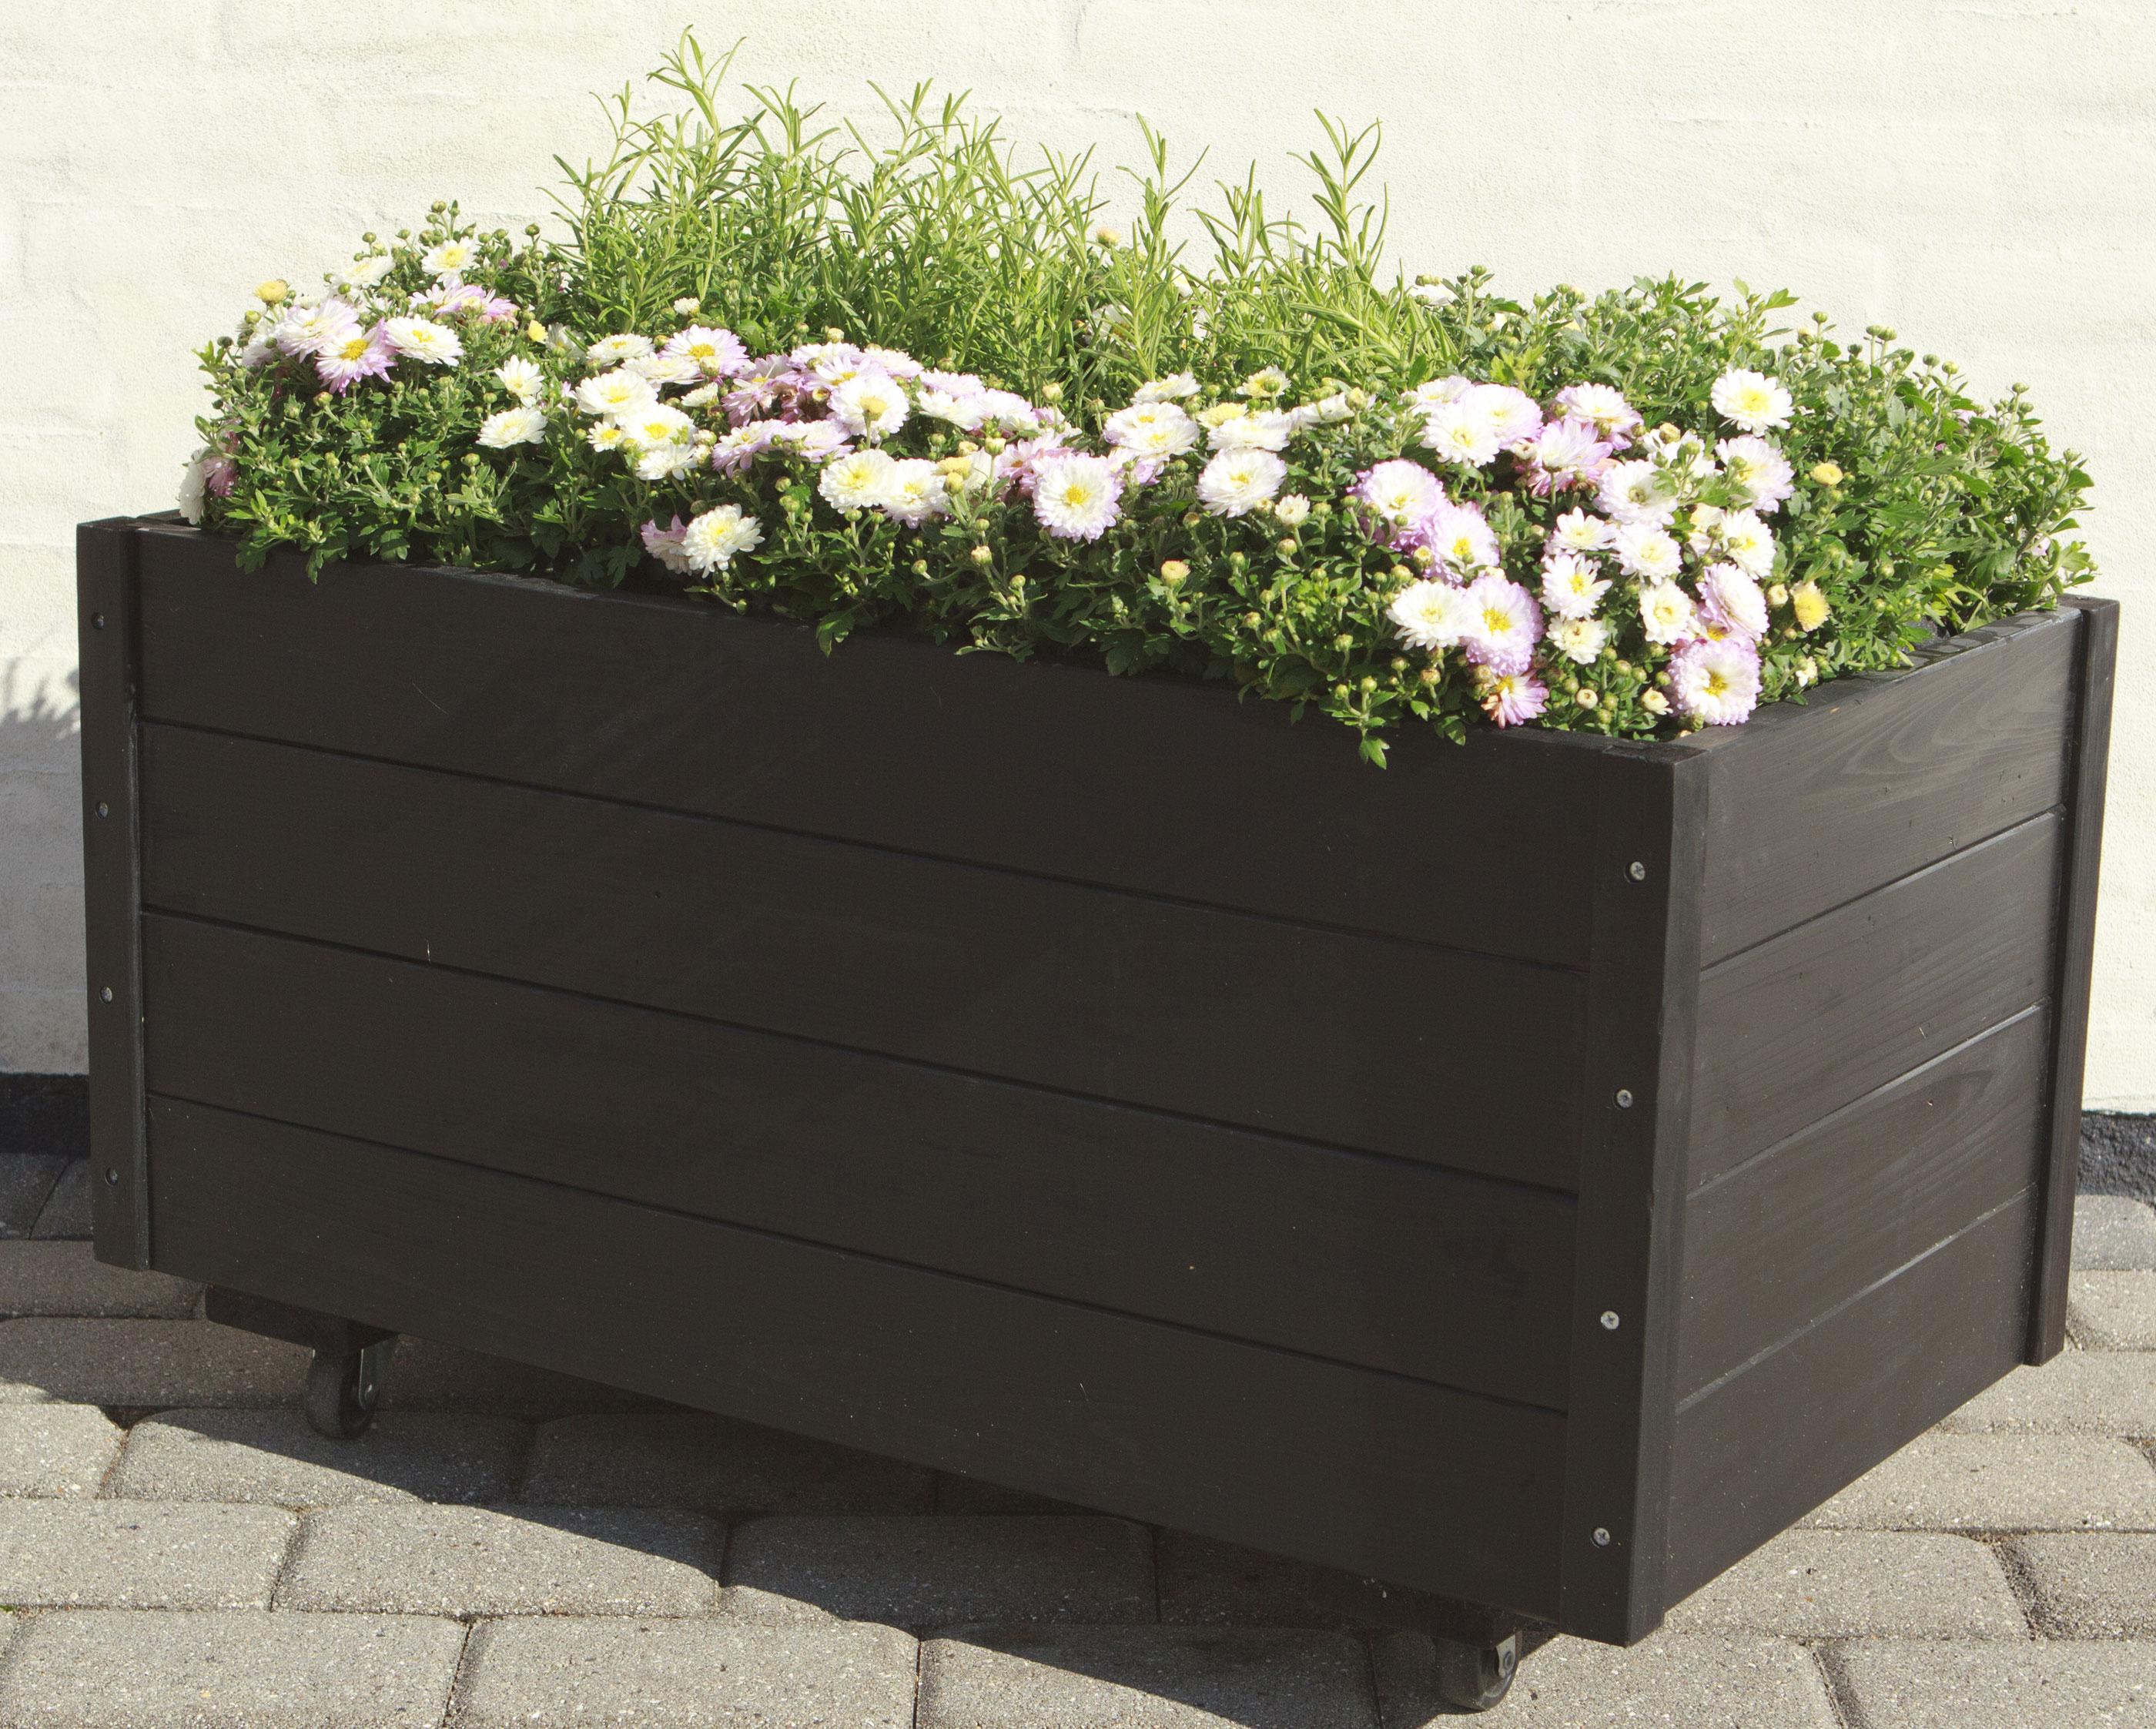 Blumenkasten Cubic mit Rädern Plus 88x48x47cm Holz schwarz Bild 2